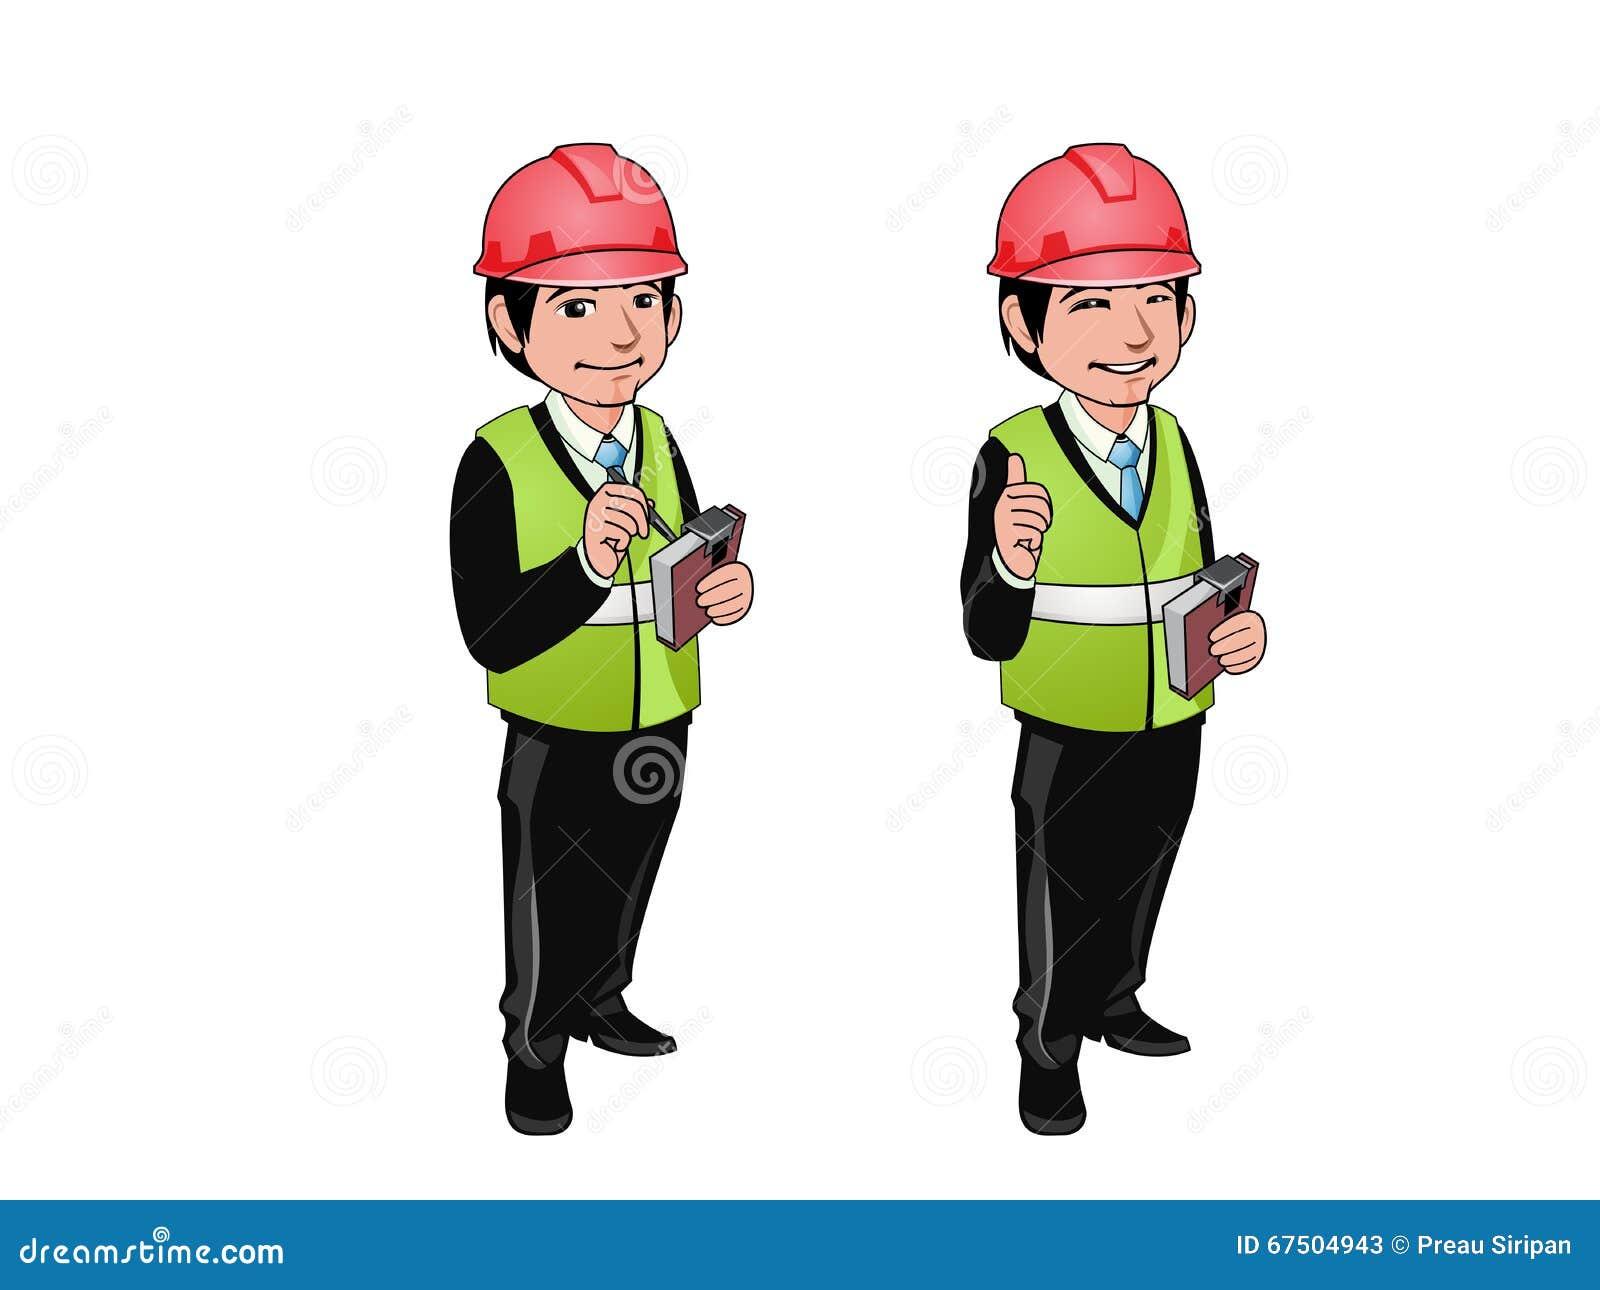 Trabajador ingeniero o arquitecto de construcci n for Ingeniero arquitecto